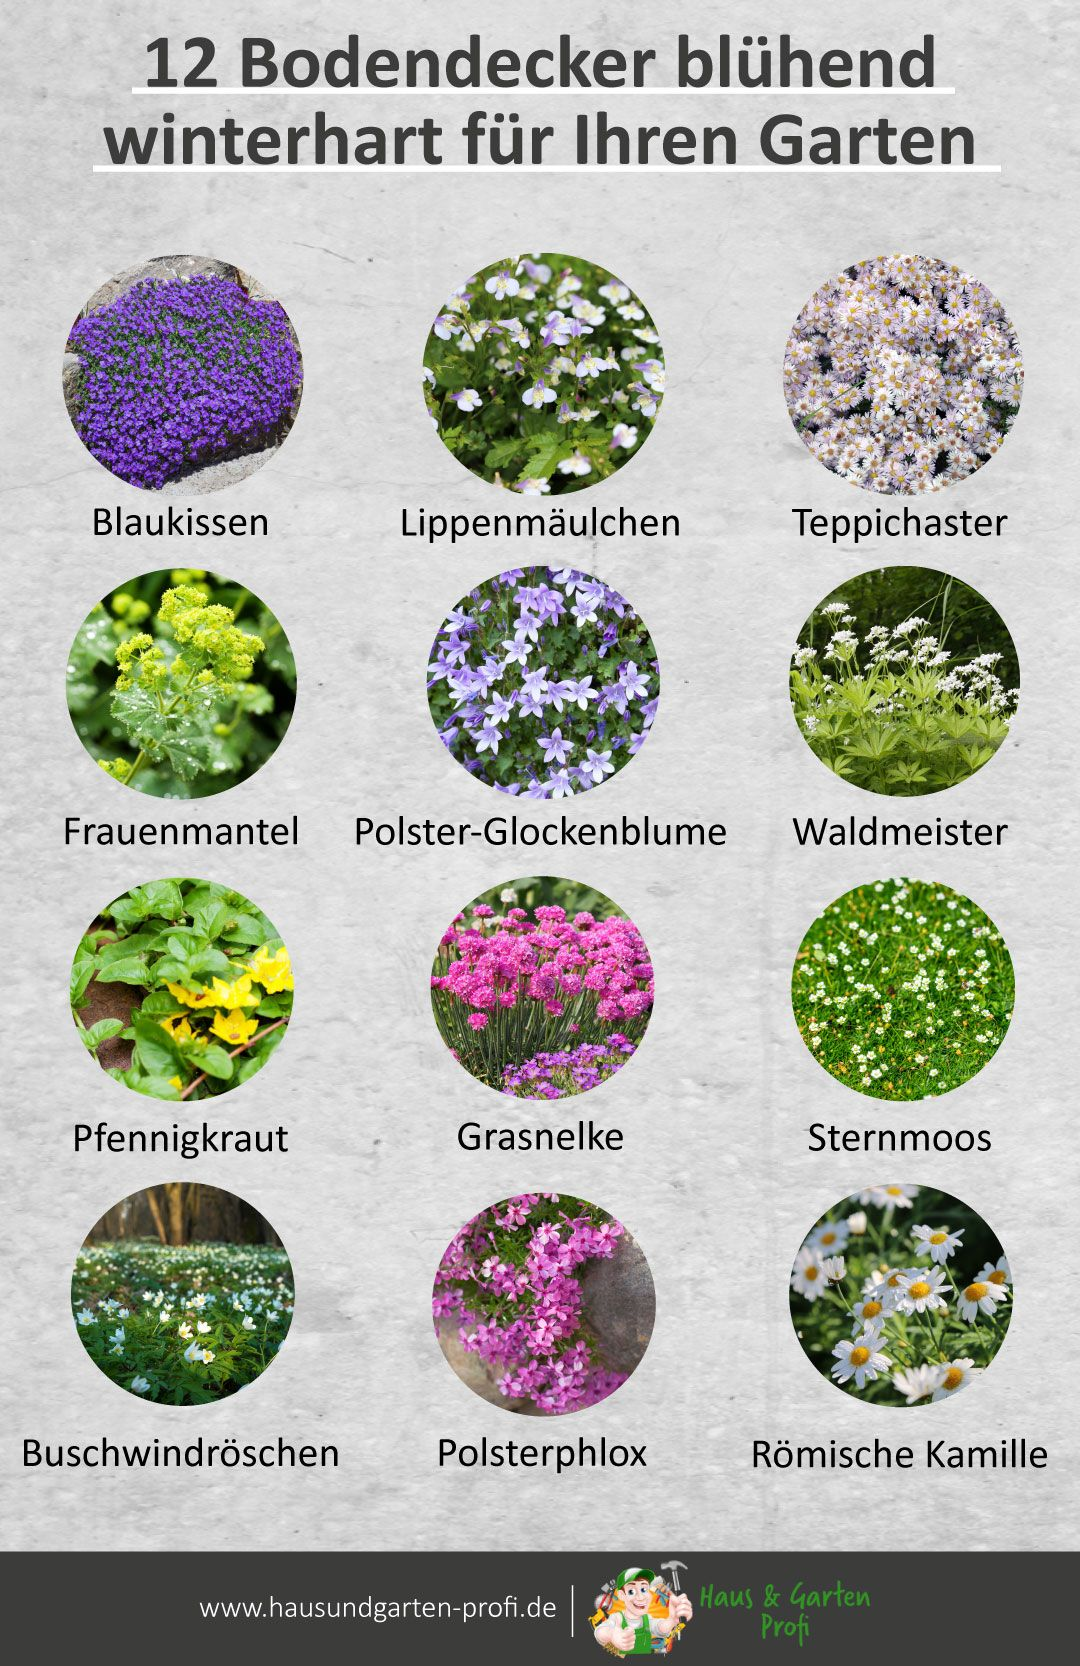 12 Bodendecker blühend winterhart für Ihren Garten